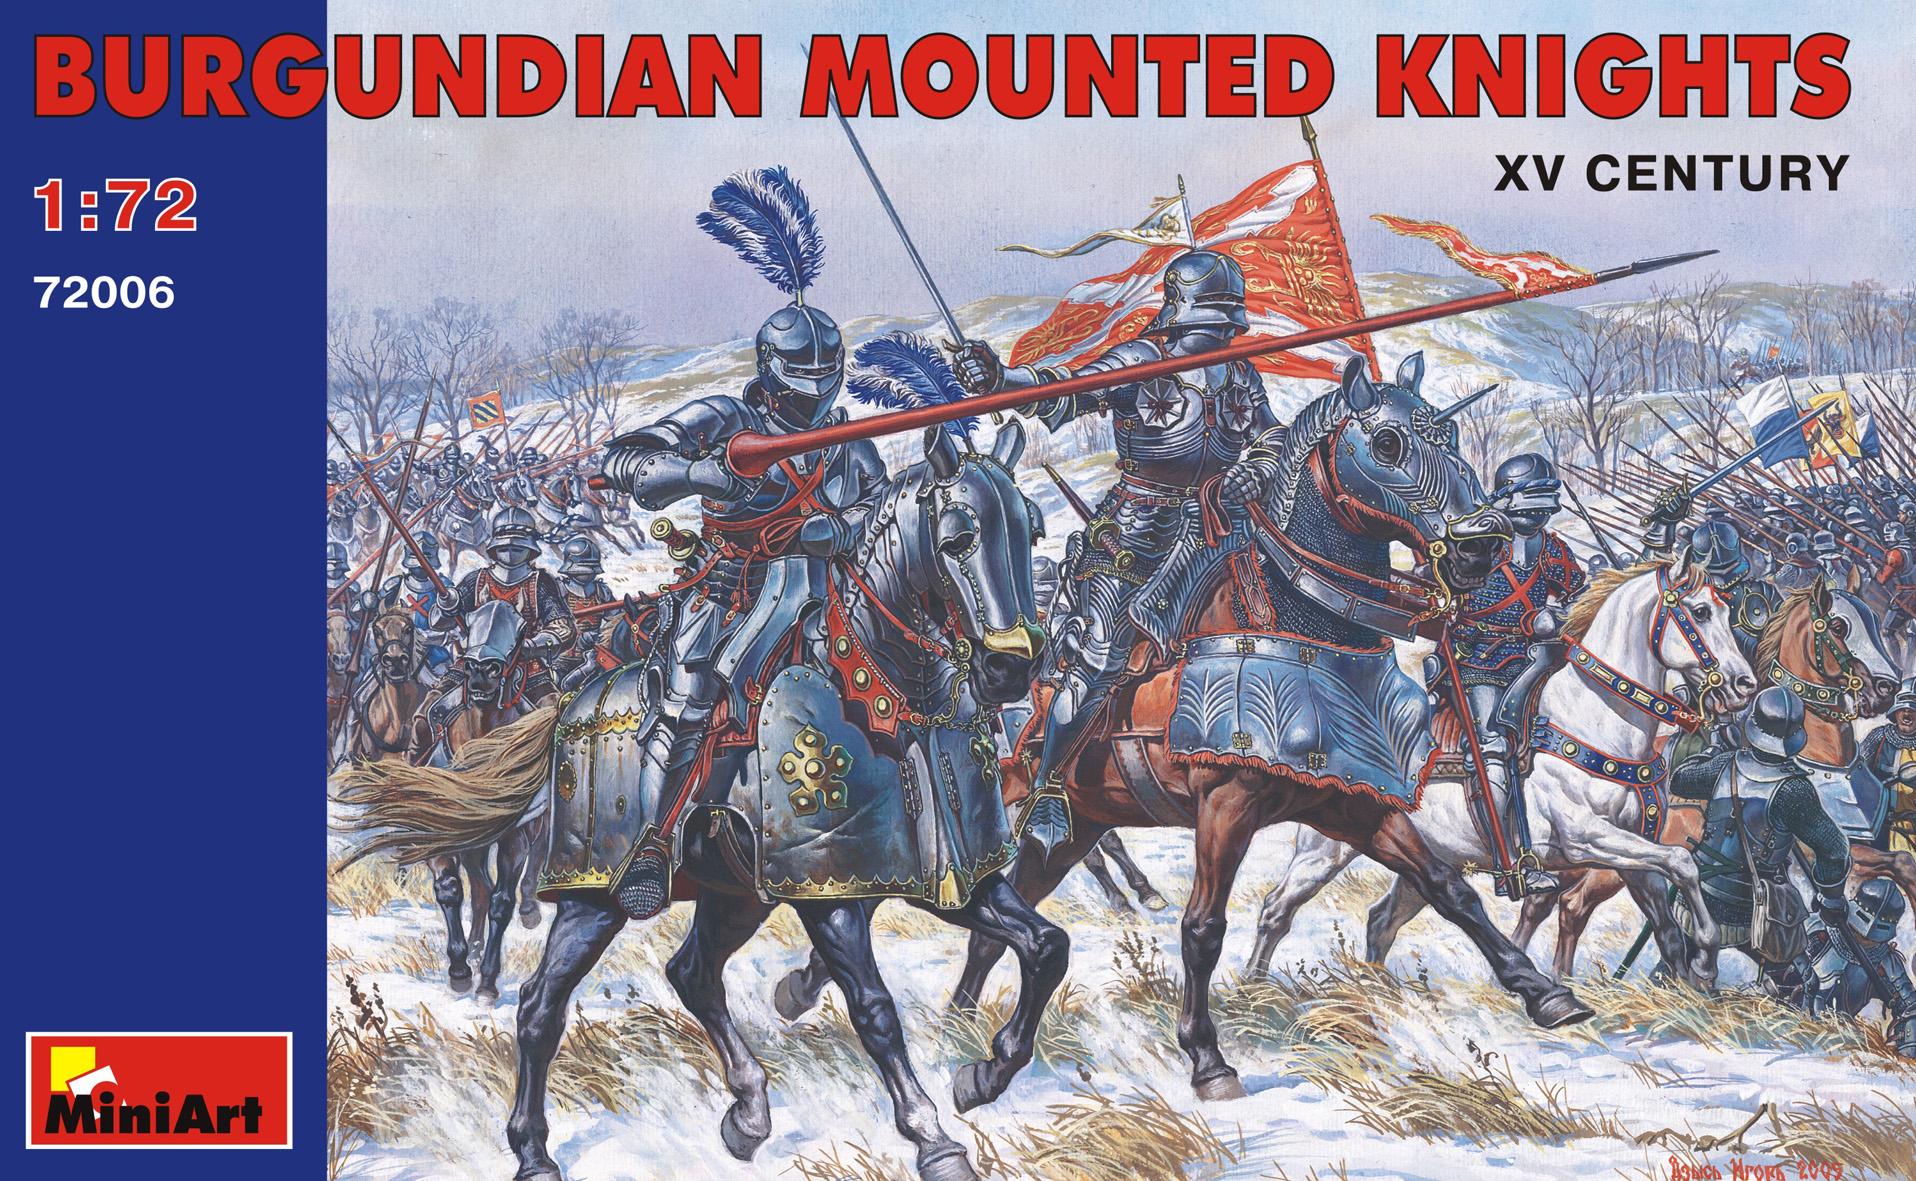 BURGUNDIAN MOUNTED KNIGHTS XV CENTURY